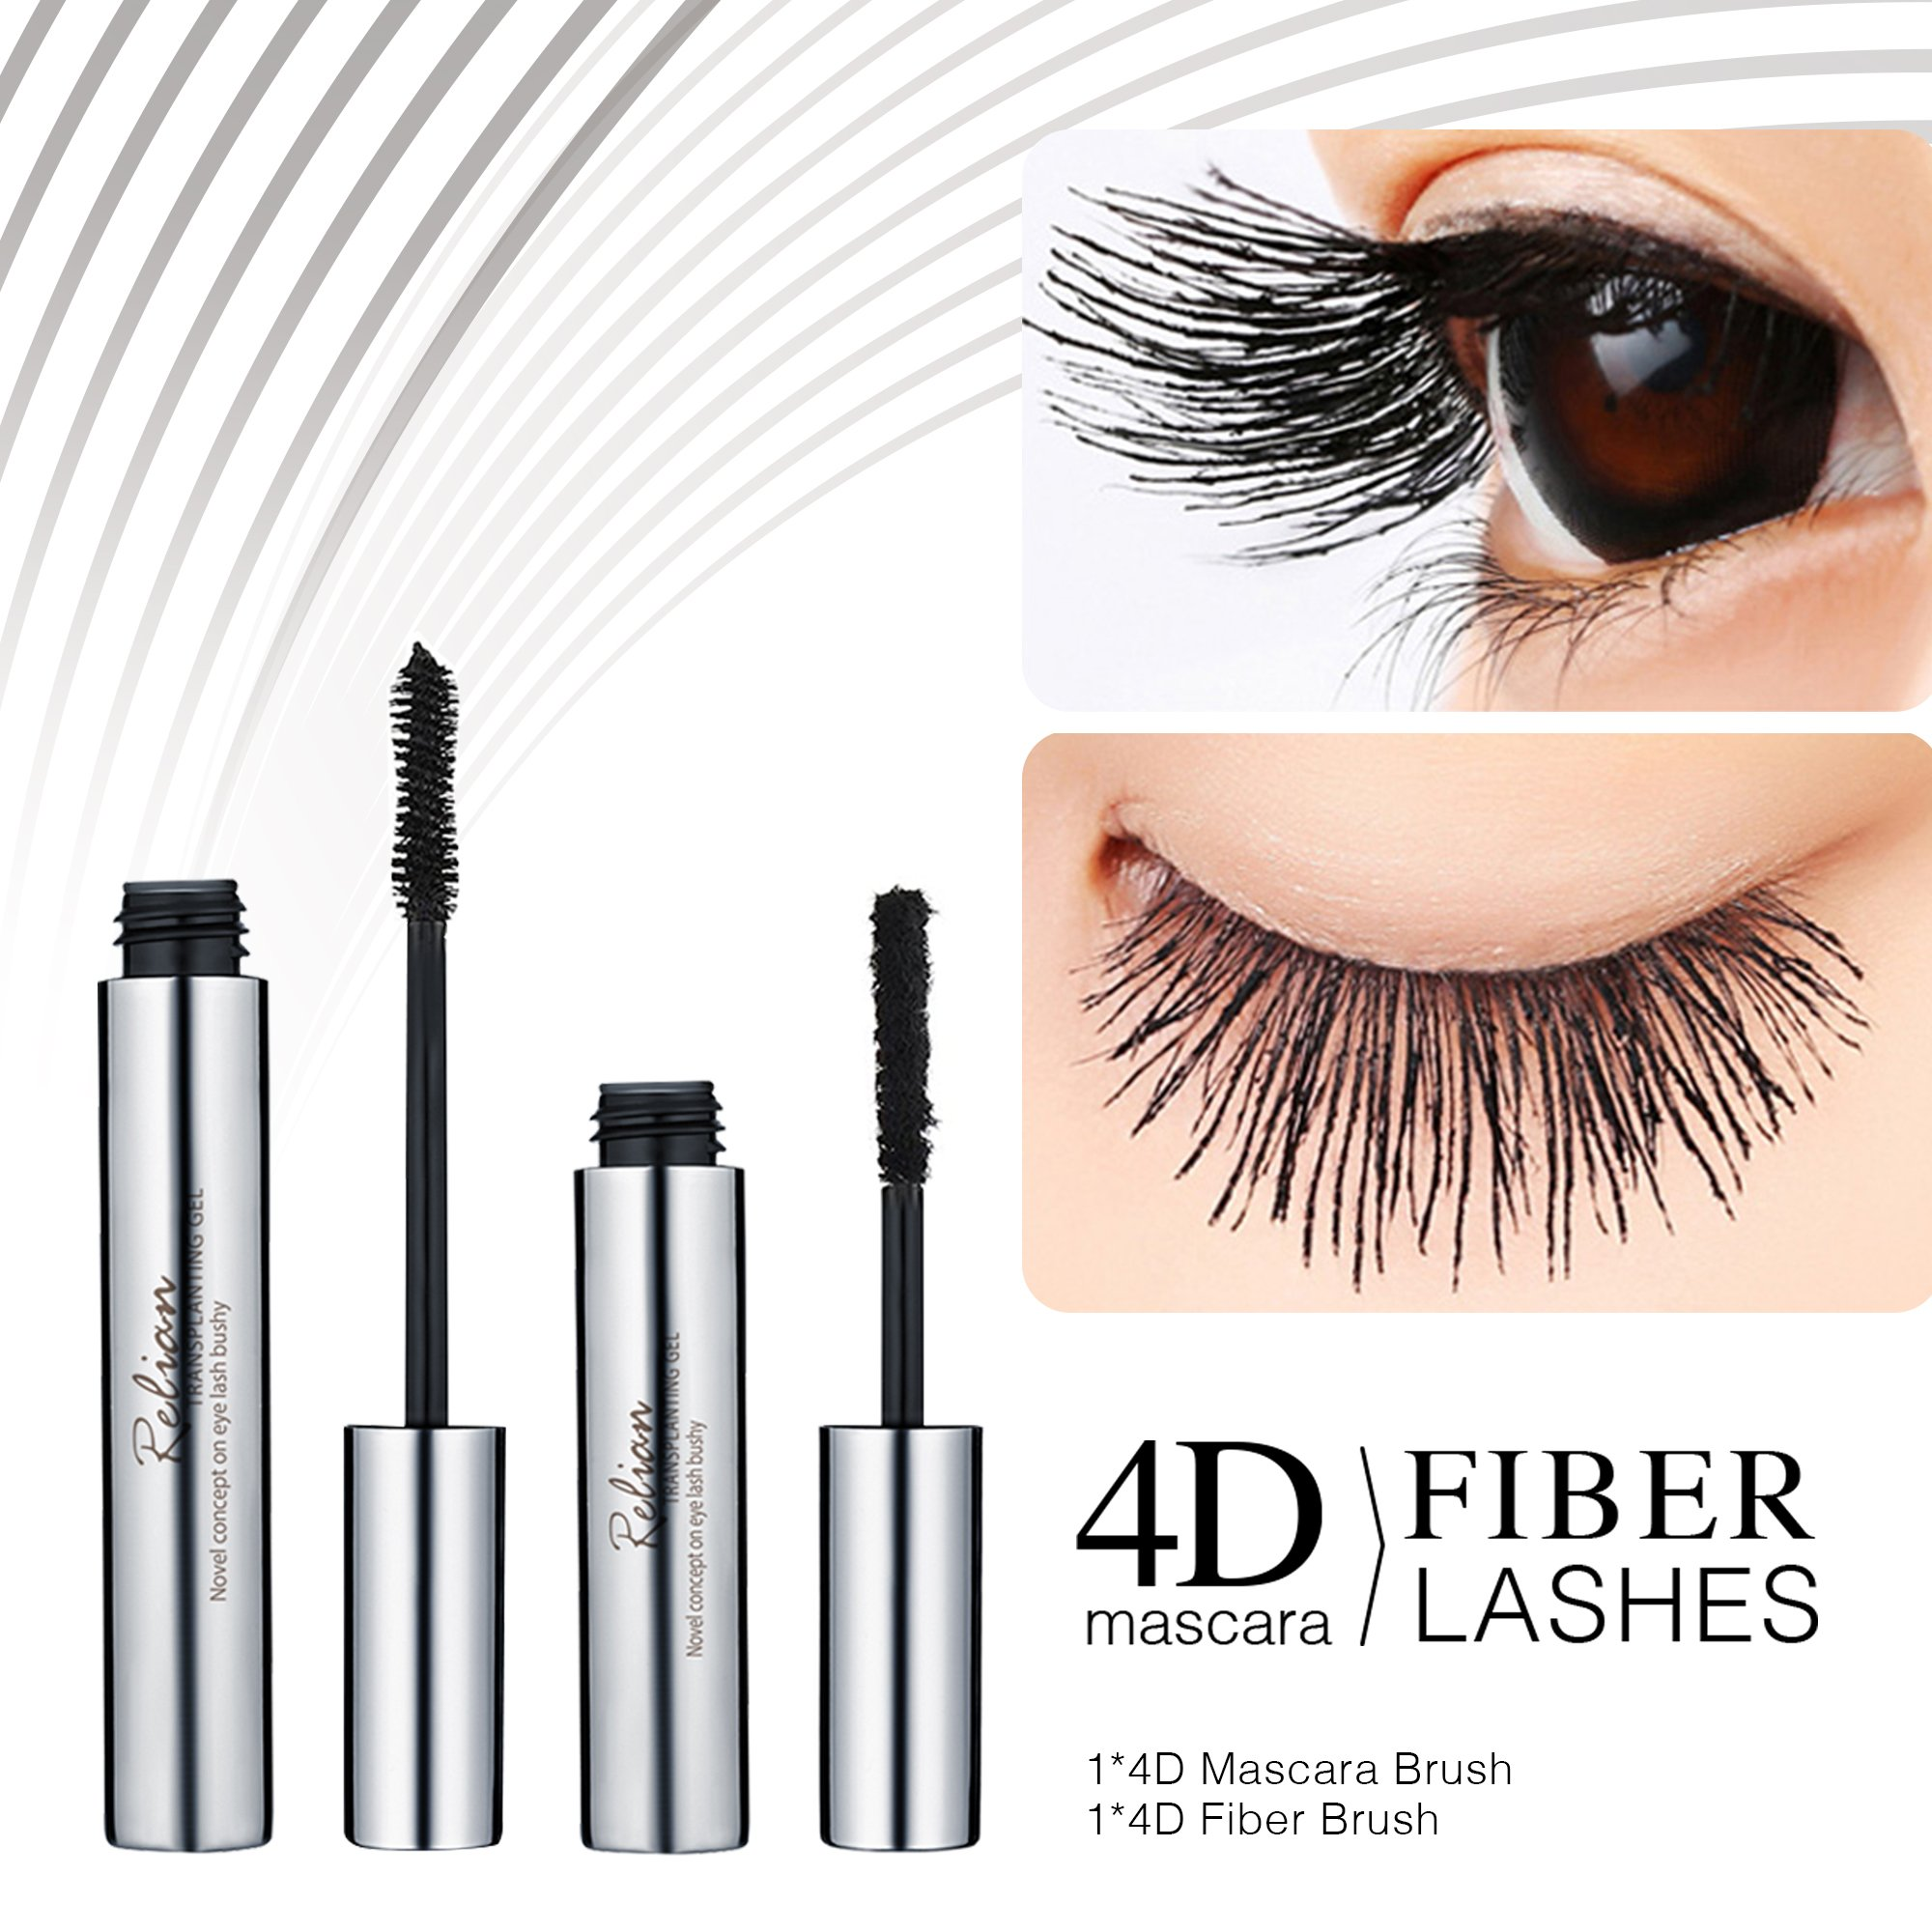 4D Silk Fiber Lash Mascara - DDK Waterproof Makeup Eyelash Extension Mascara Cream - Crazy Long Washable Mascara - Best for Thickening & Lengthening - Paraben-Free Natural & Non-Toxic Ingredients